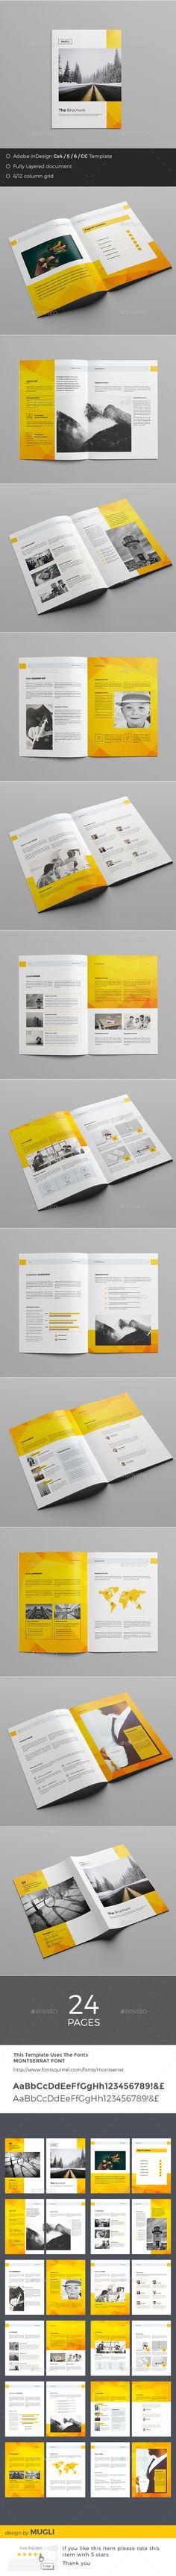 Creative Portfolio Book A5 Horizontal | Fuentes, Textos y Arte